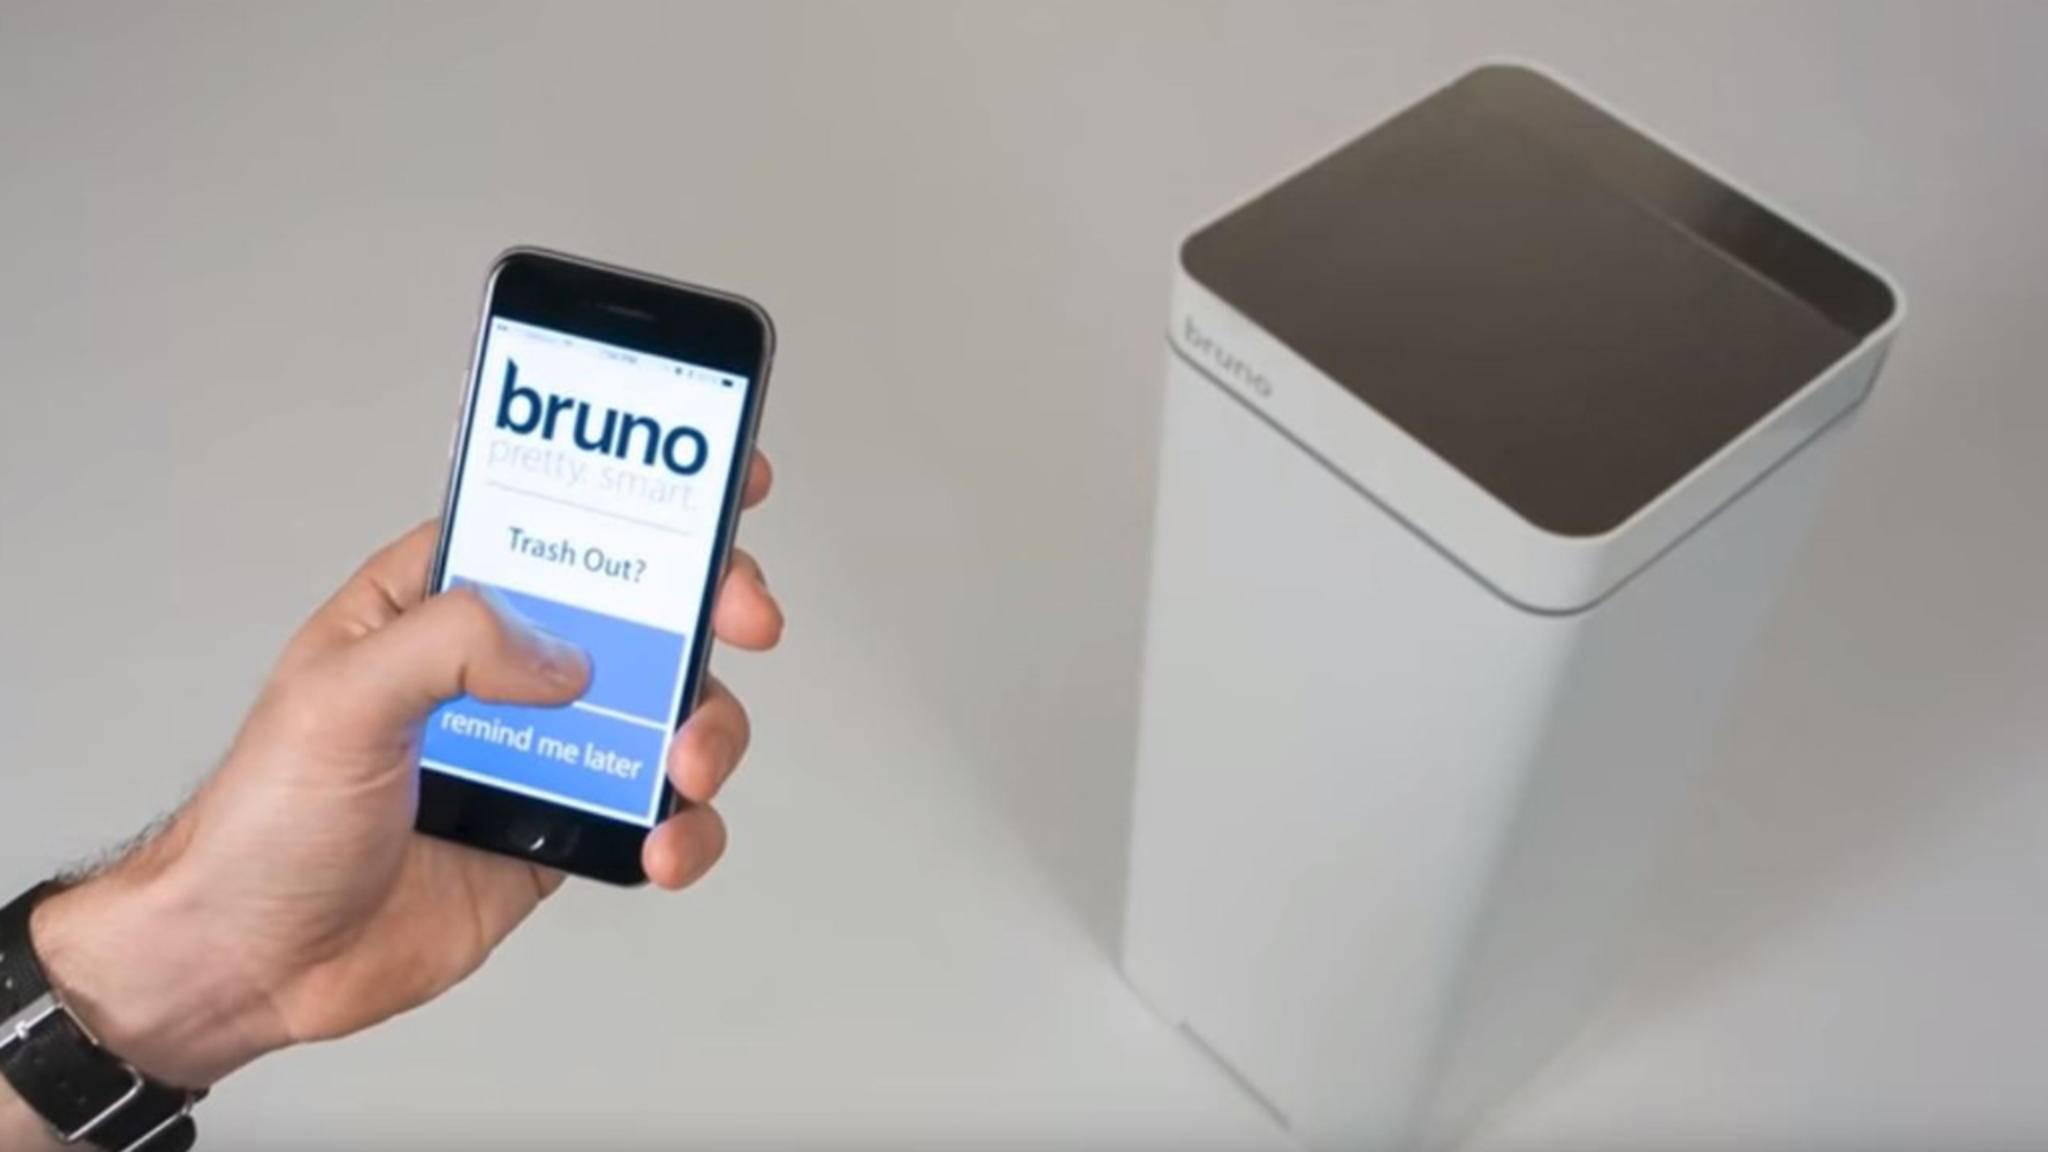 Für Vergessliche: Via App erinnert der smarte Mülleimer Bruno an die regelmäßige Leerung seines Behälters.